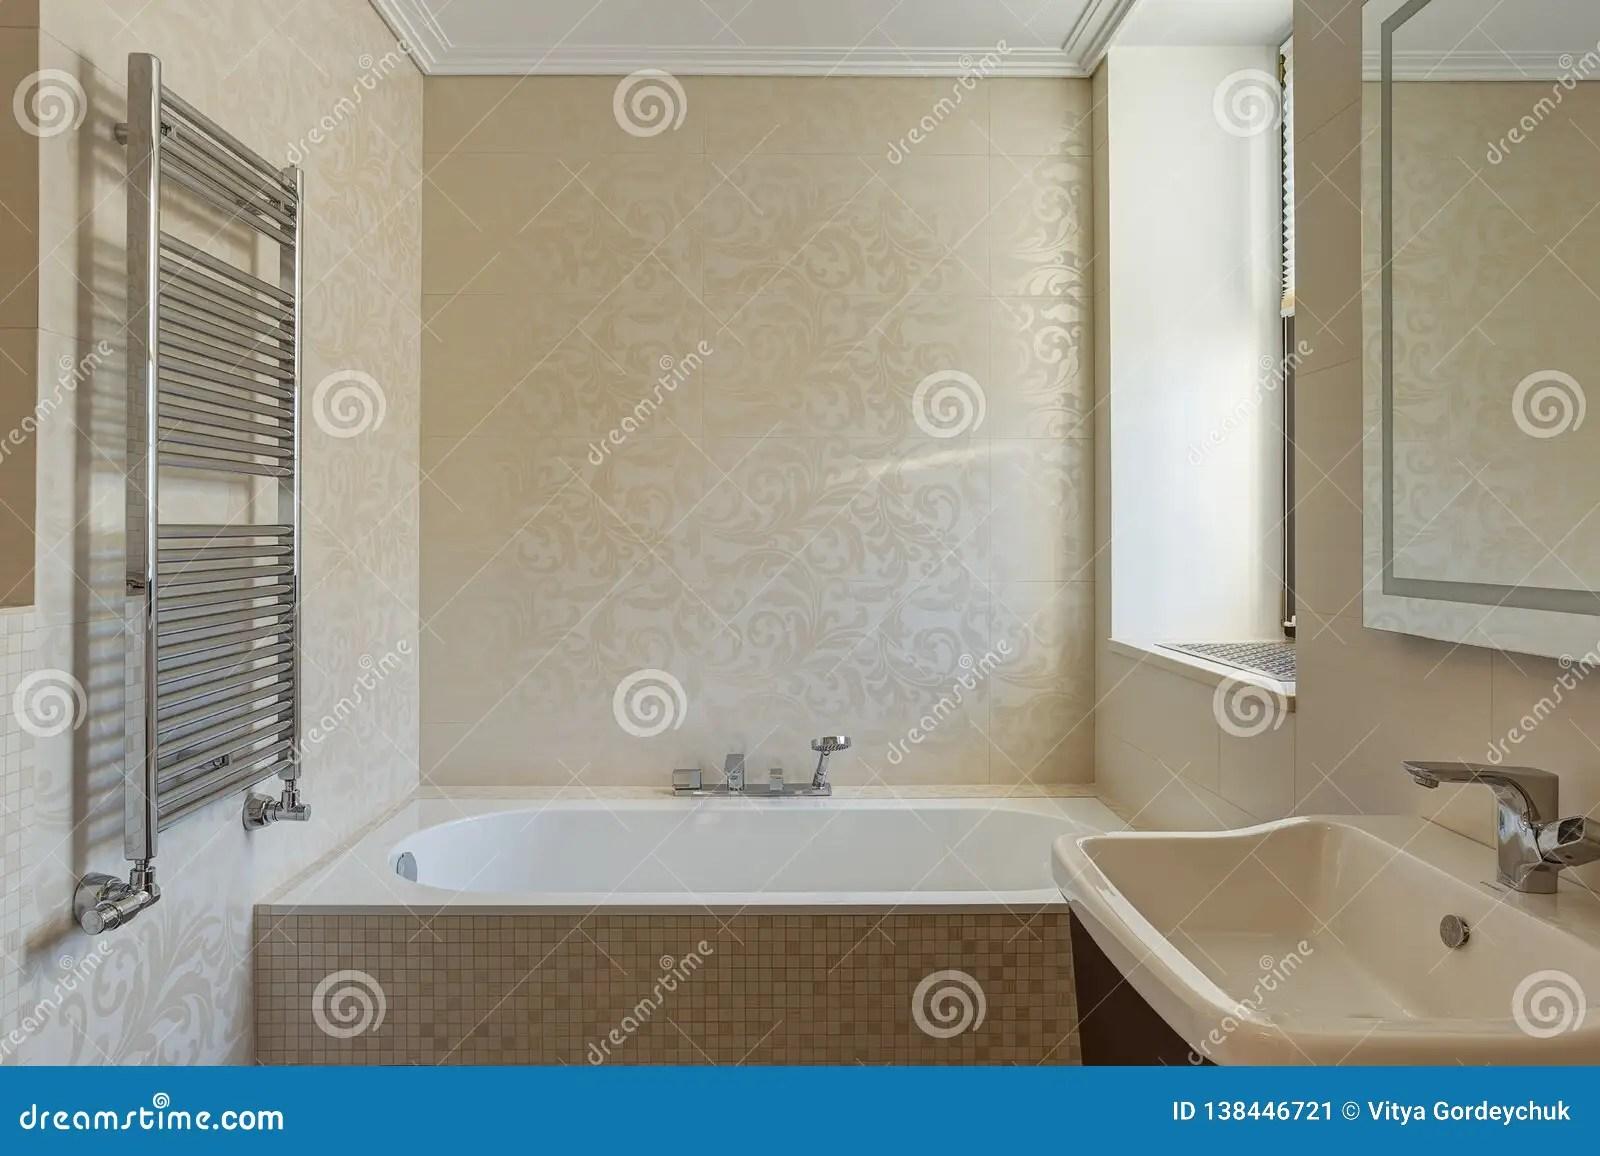 https fr dreamstime com salle bains des couleurs beiges blanches image138446721